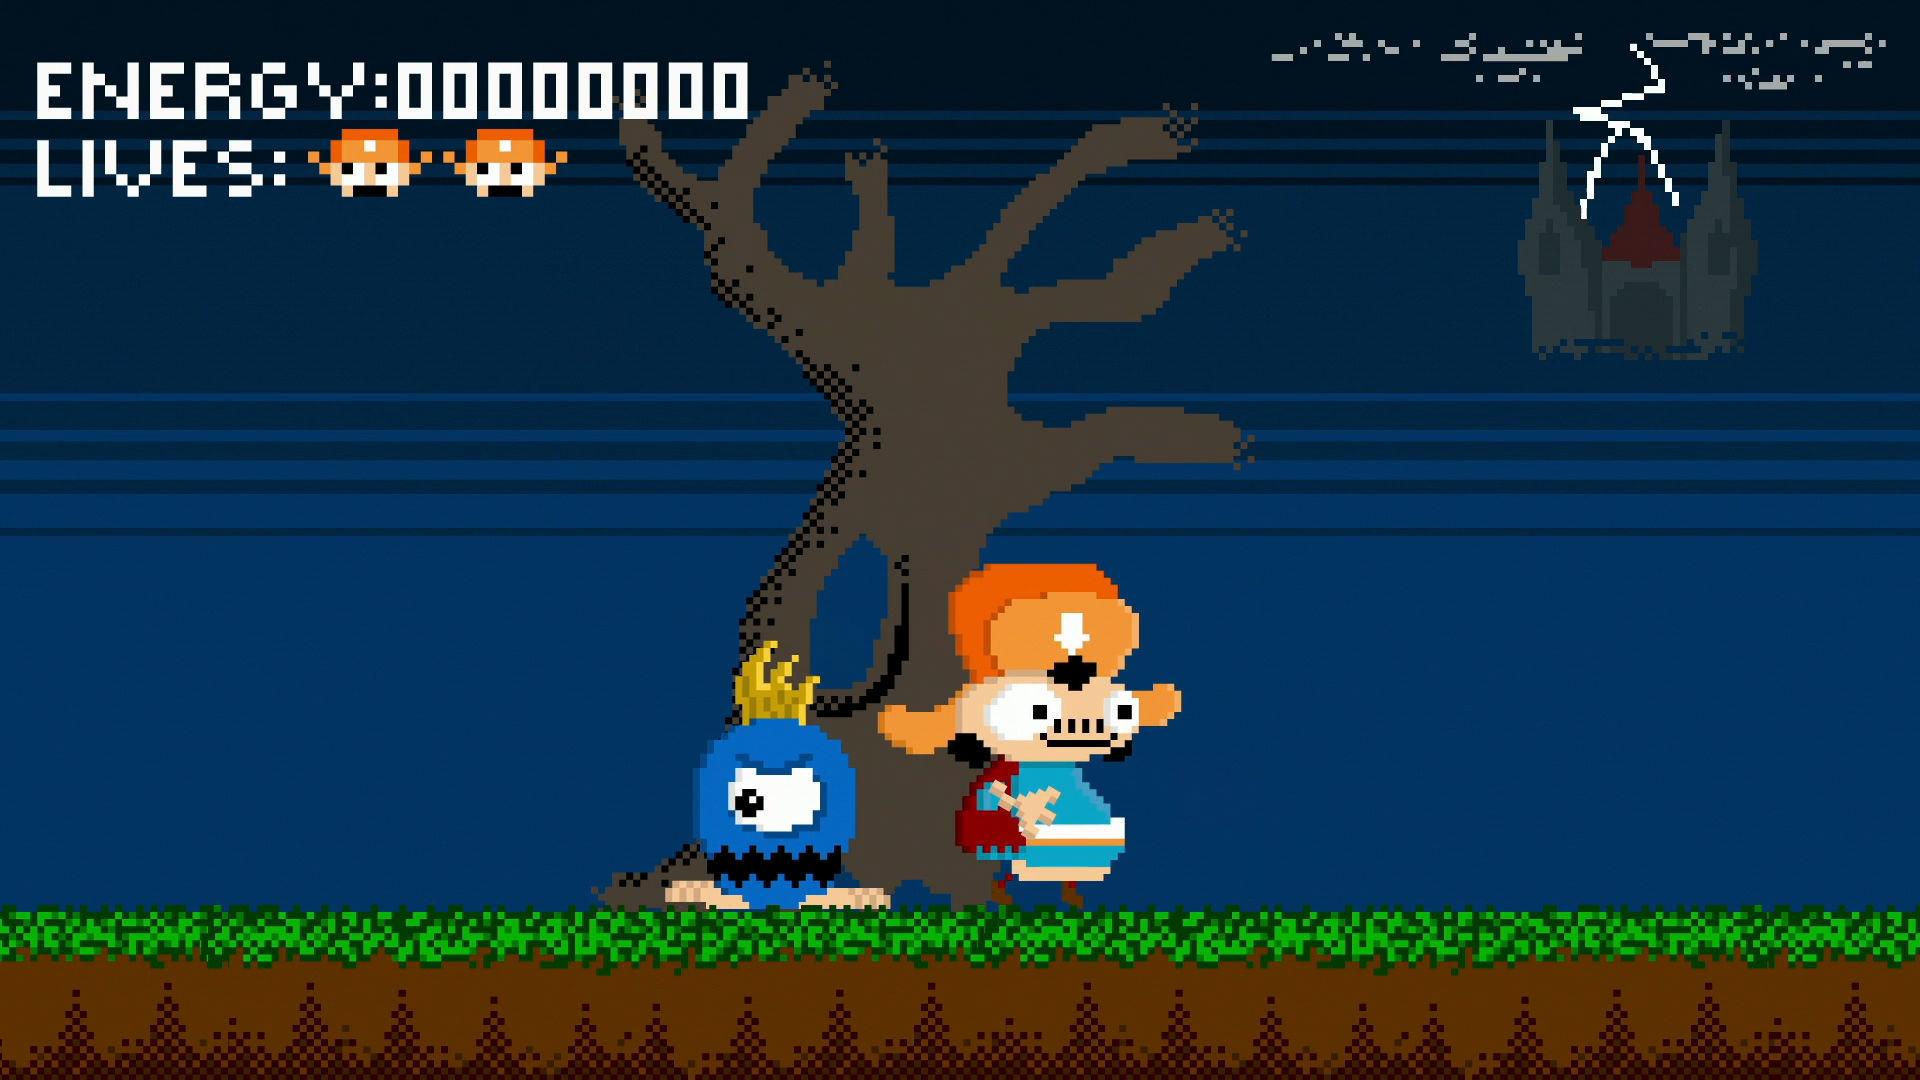 Dooble - Video Game